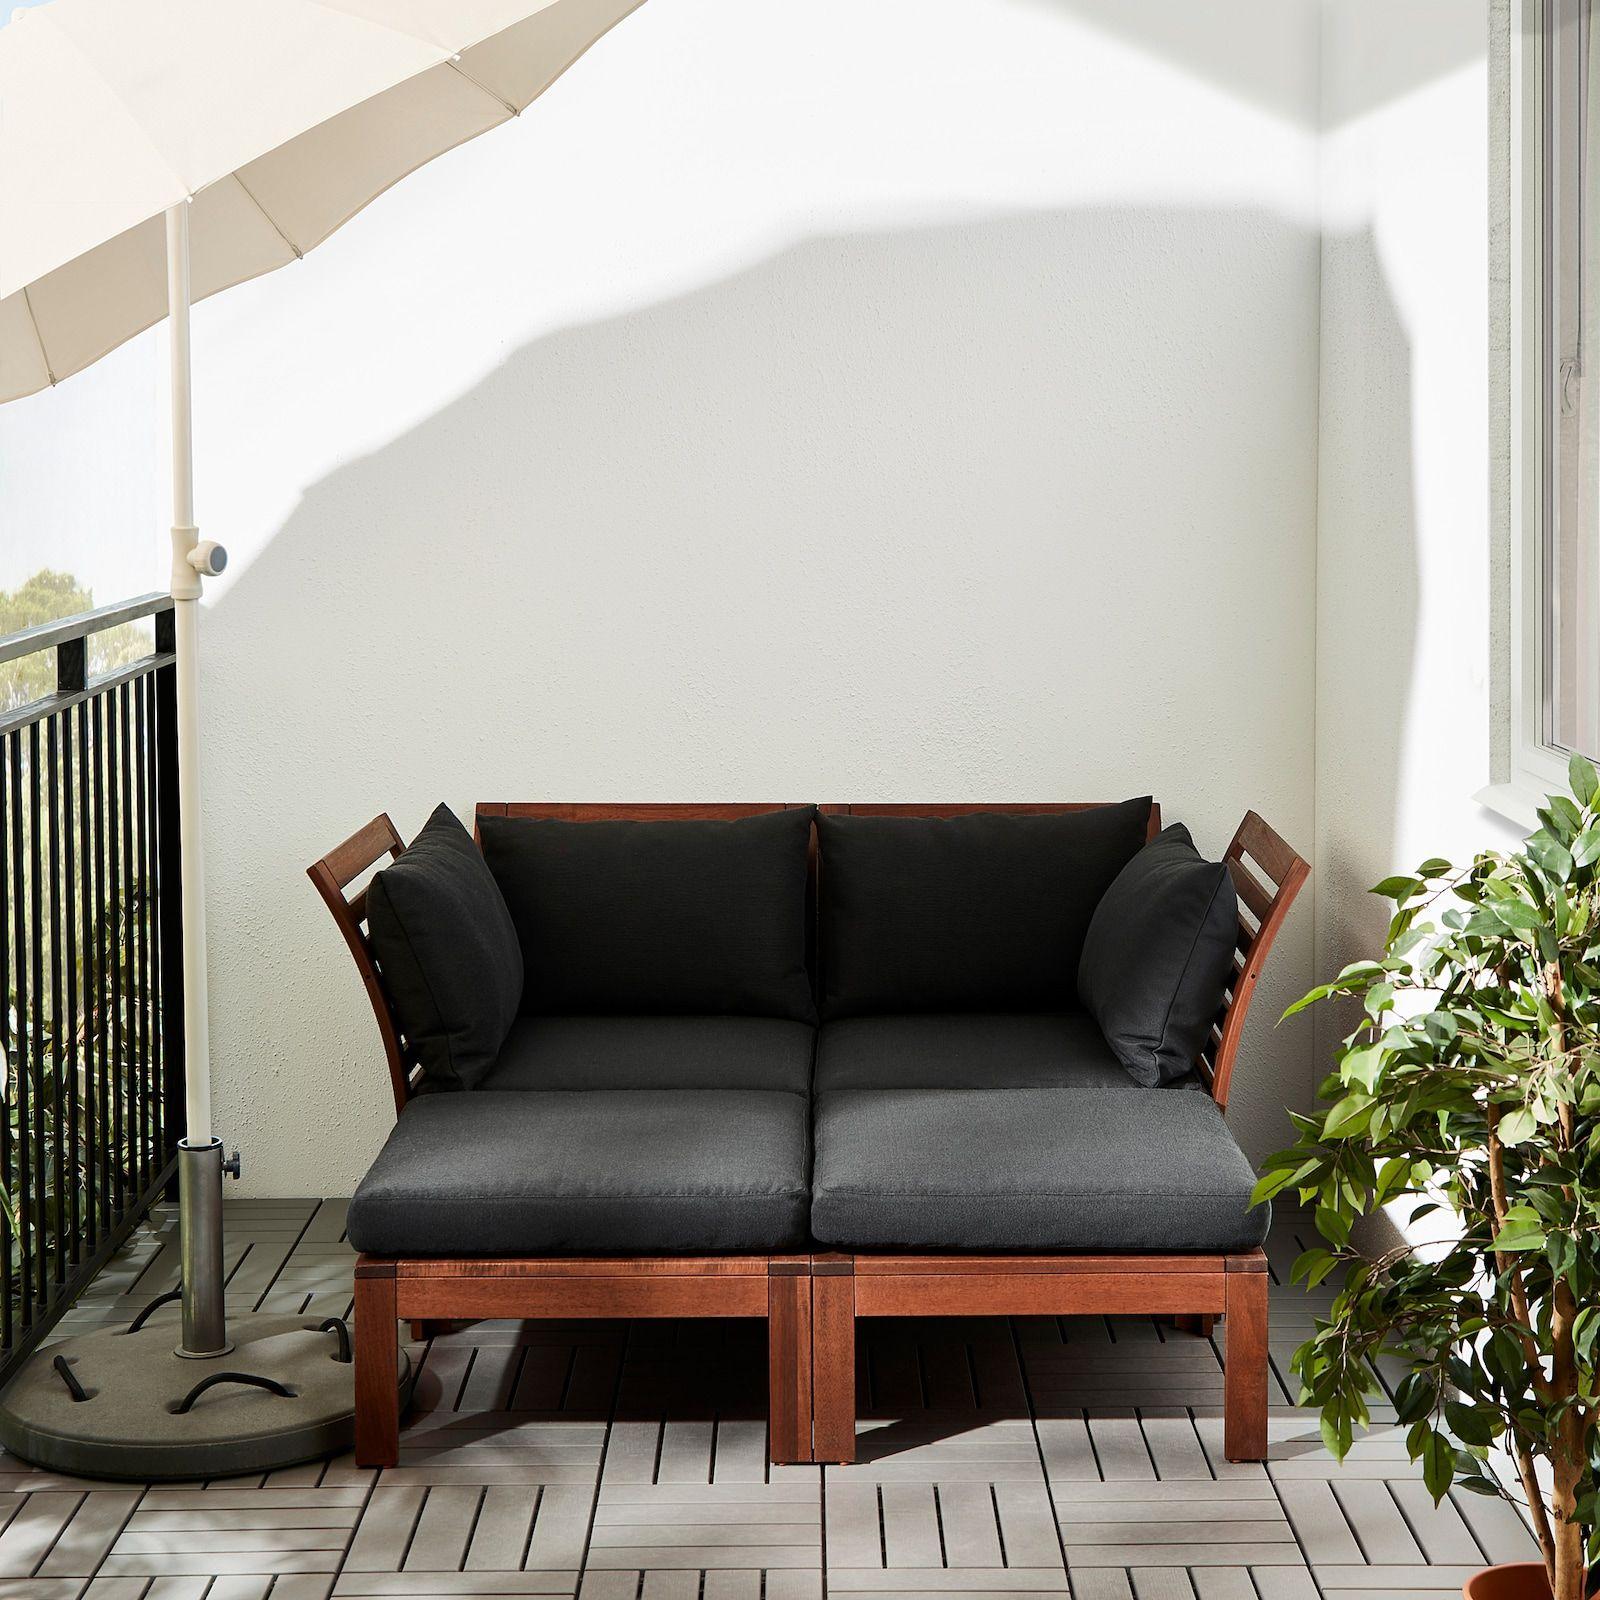 Applaro 2 Zits Modulaire Bank Buiten Met Voetenbank Bruin Gelazuurd Hallo Zwart Ikea In 2020 Balcony Furniture Ikea Outdoor Small Balcony Decor